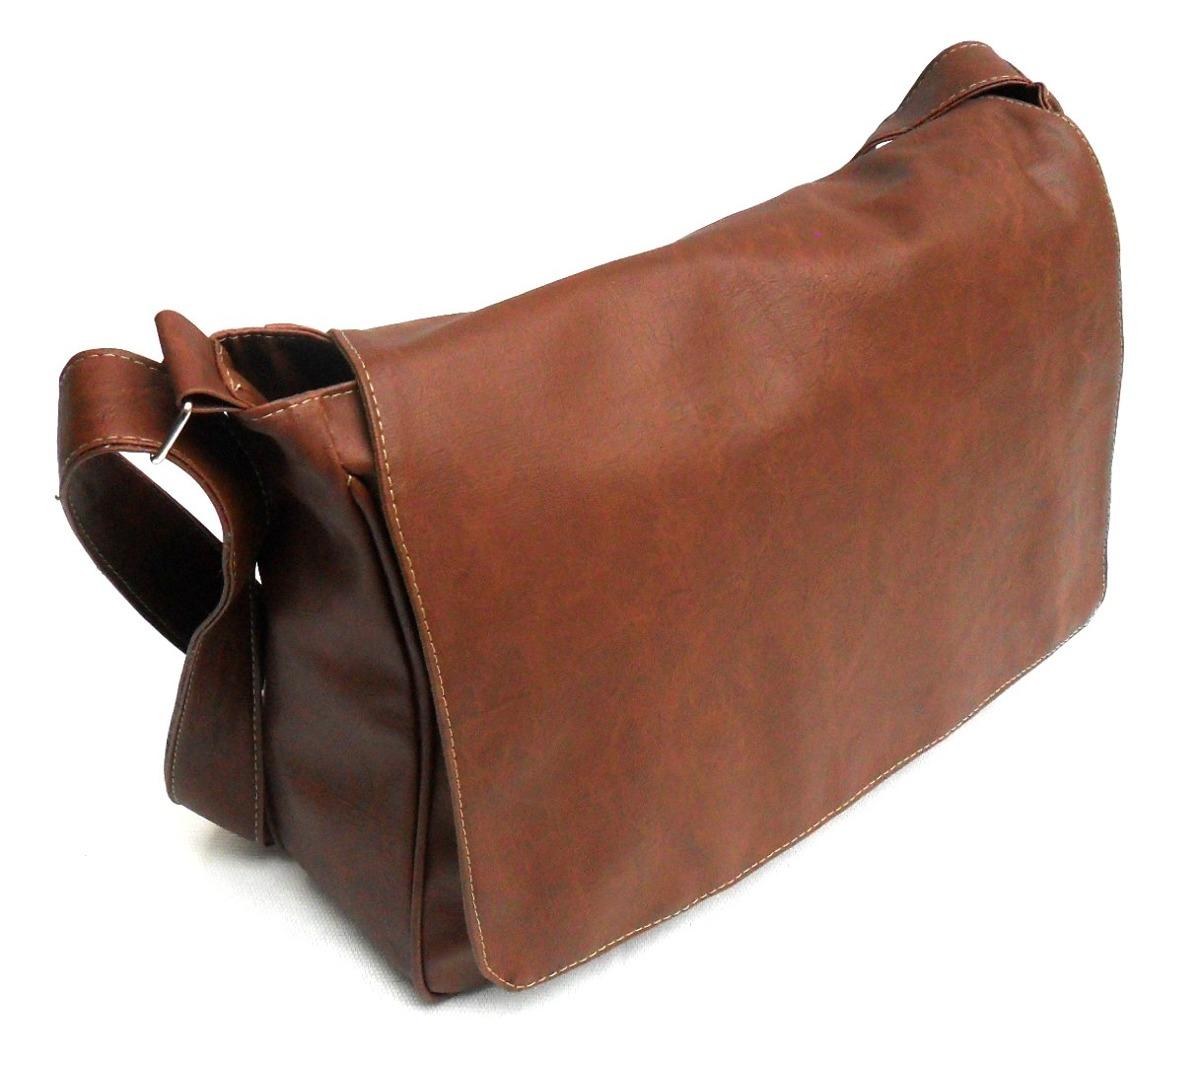 Bolsa De Couro Masculina Mercado Livre : Bolsa carteiro masculina couro sint?tico caramelo